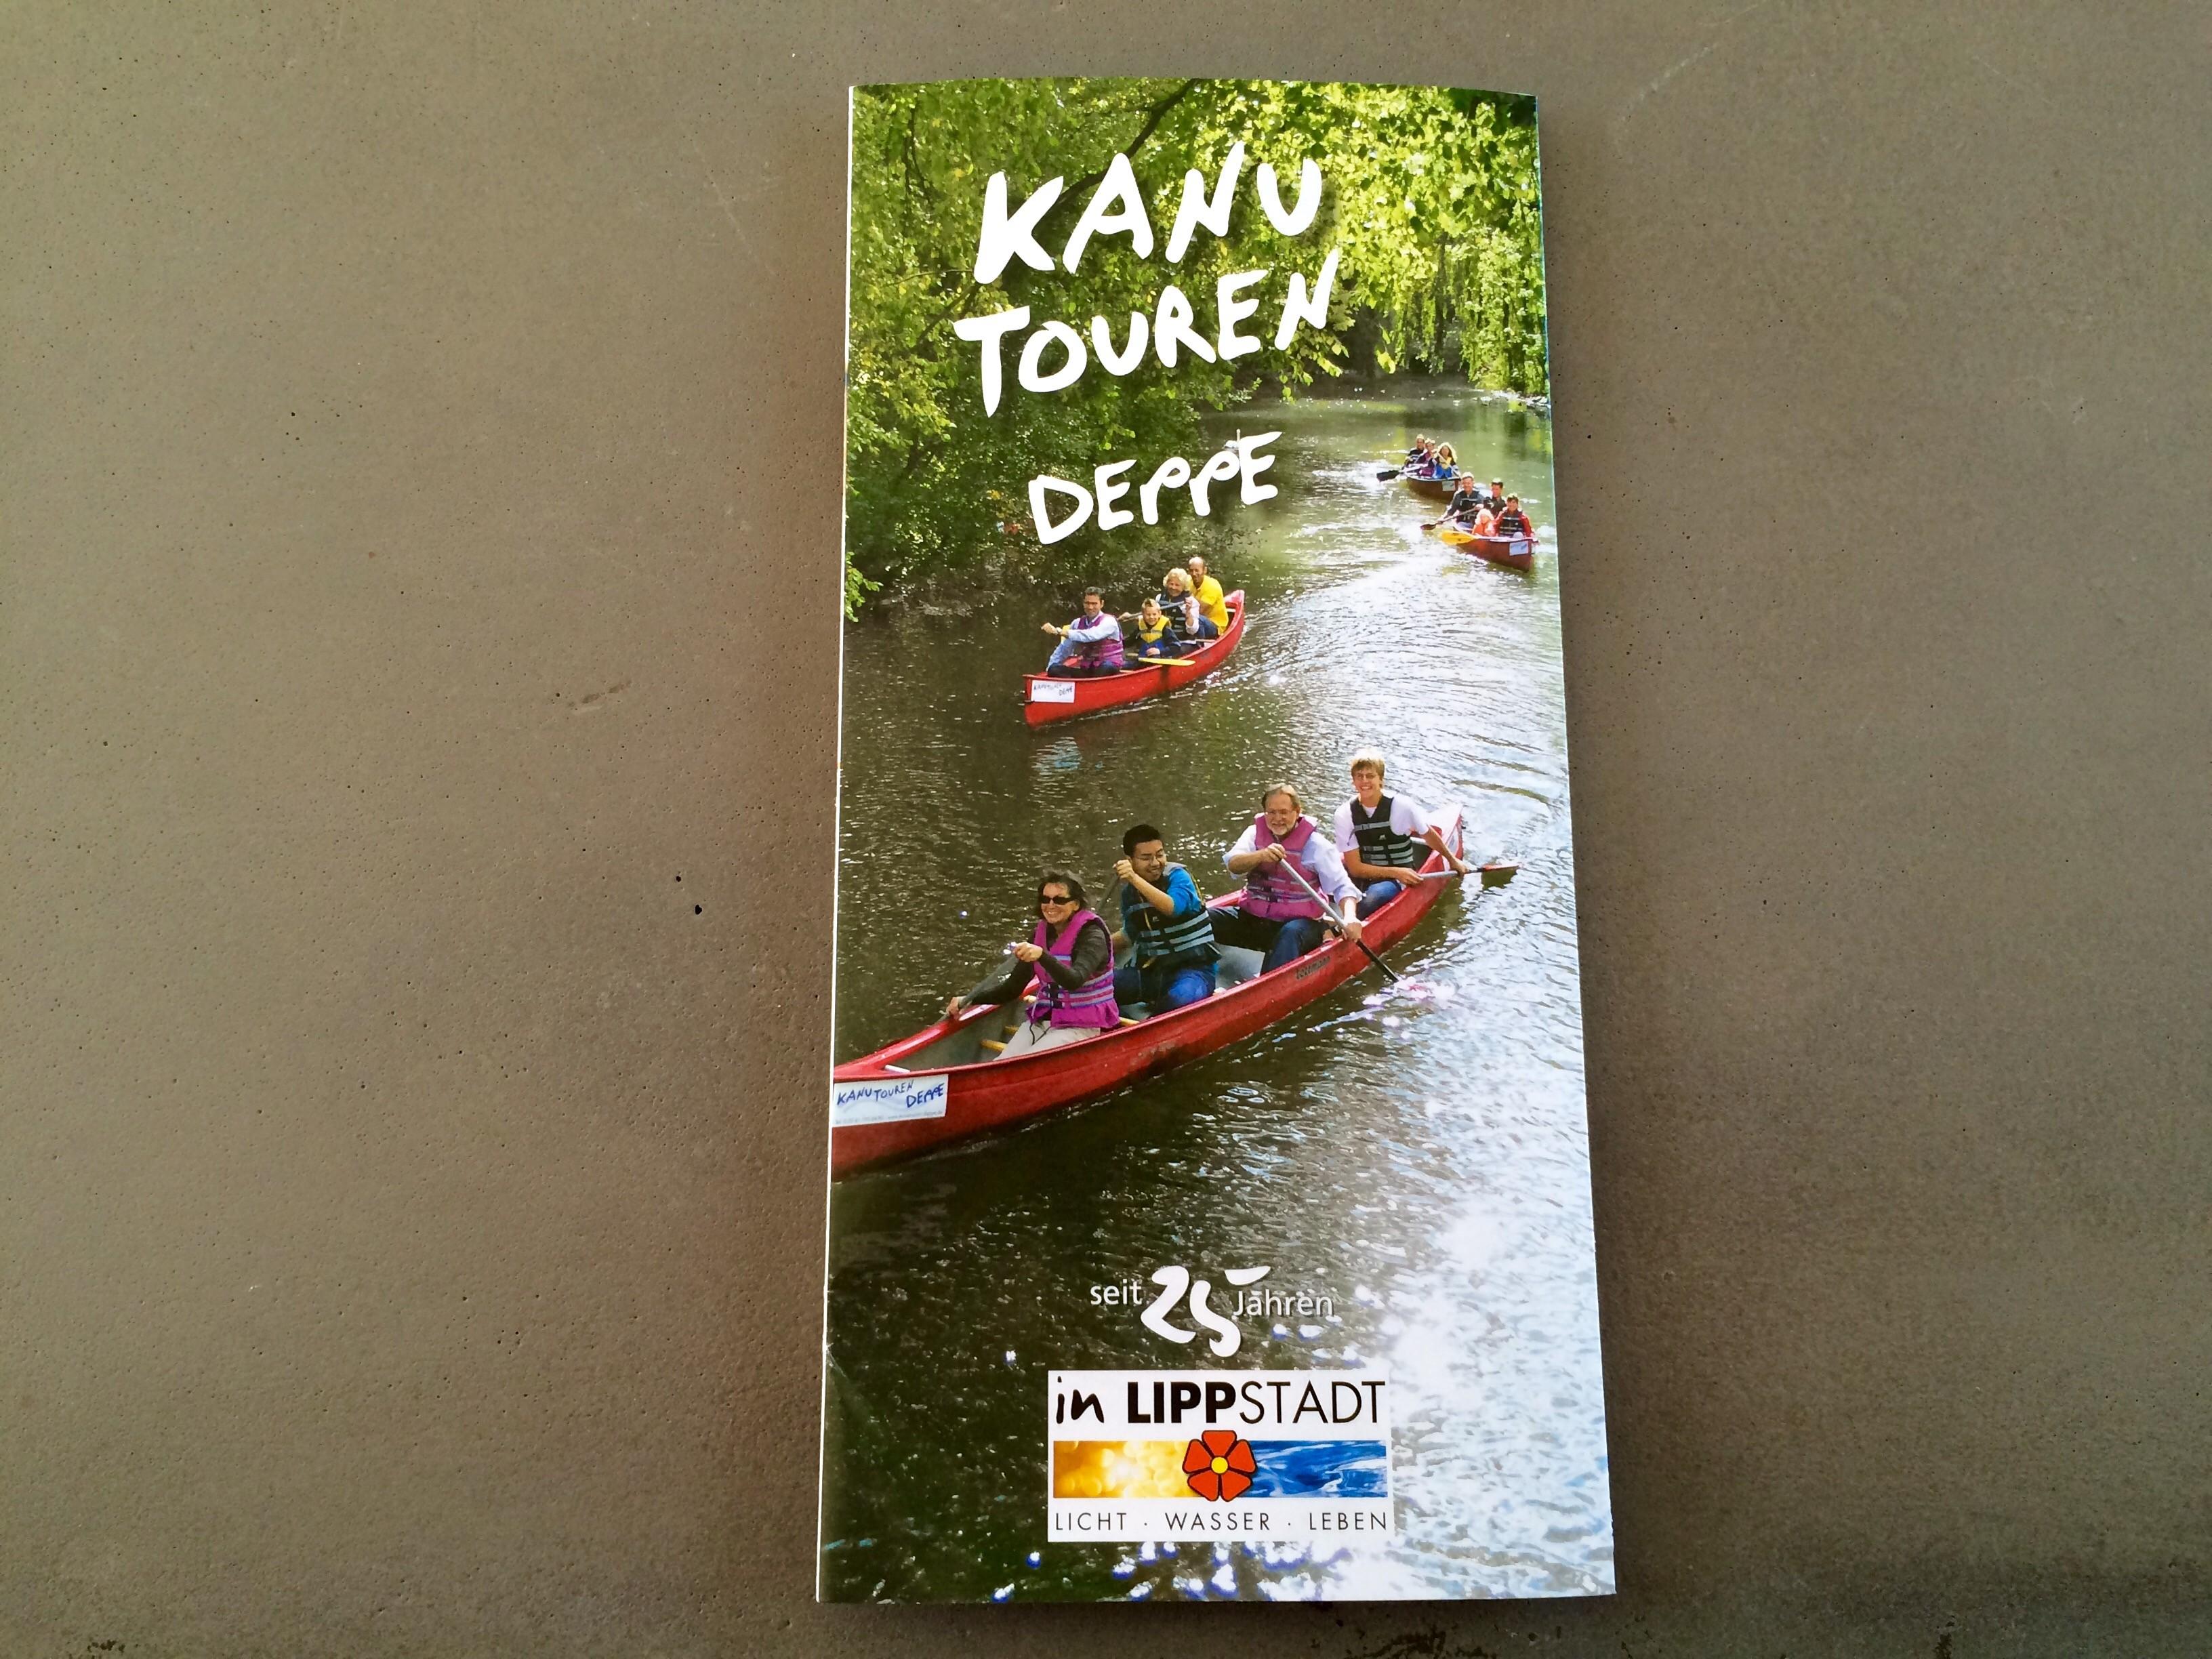 Kanutouren Deppe Flyer mit Infos zu Kanutouren in Lippstadt